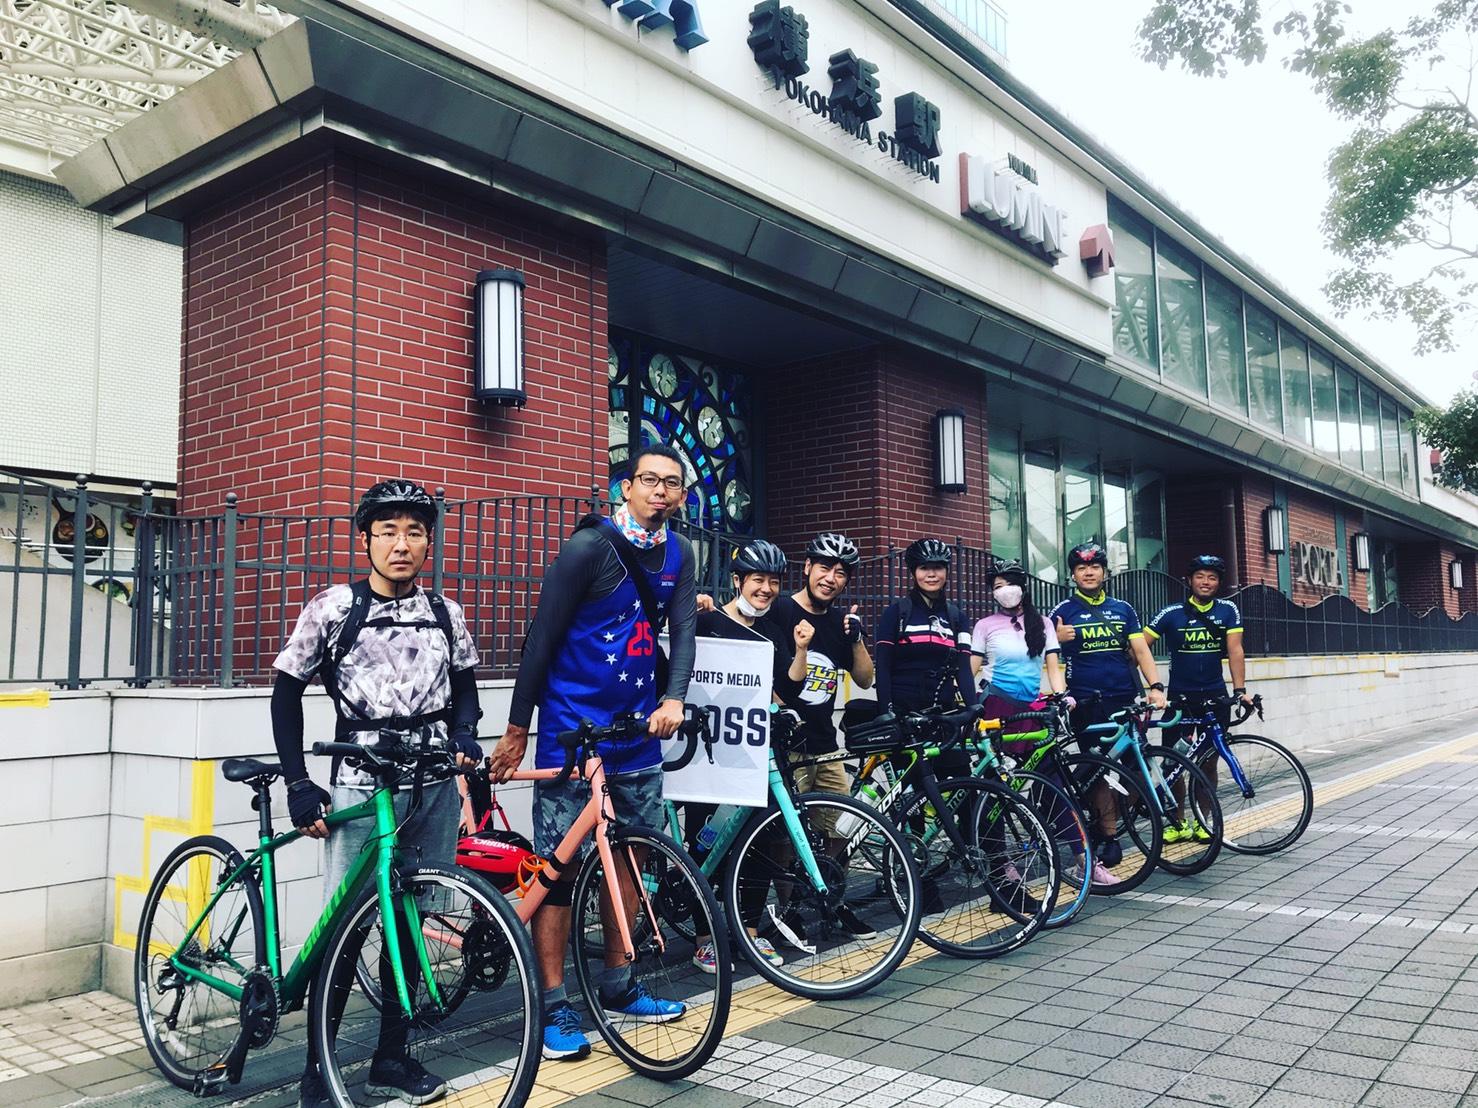 [BIKE・東京]ステレオタイフーンと行く多摩川サイクリング 20.11.01 sun.